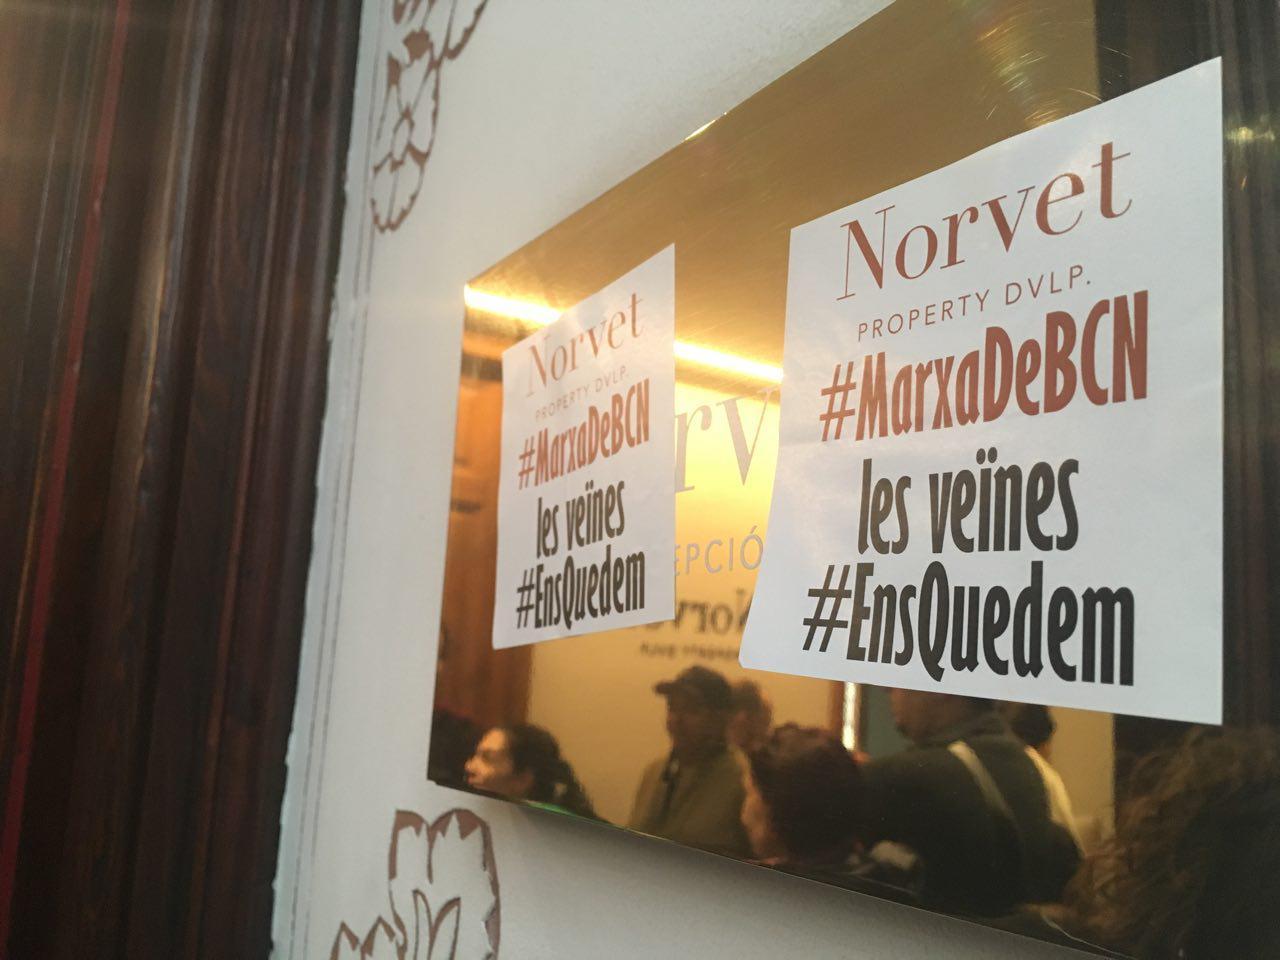 Ocupen les oficines de norvet per reclamar que aturin el desnonament d un ve de poble sec - Norvet barcelona ...